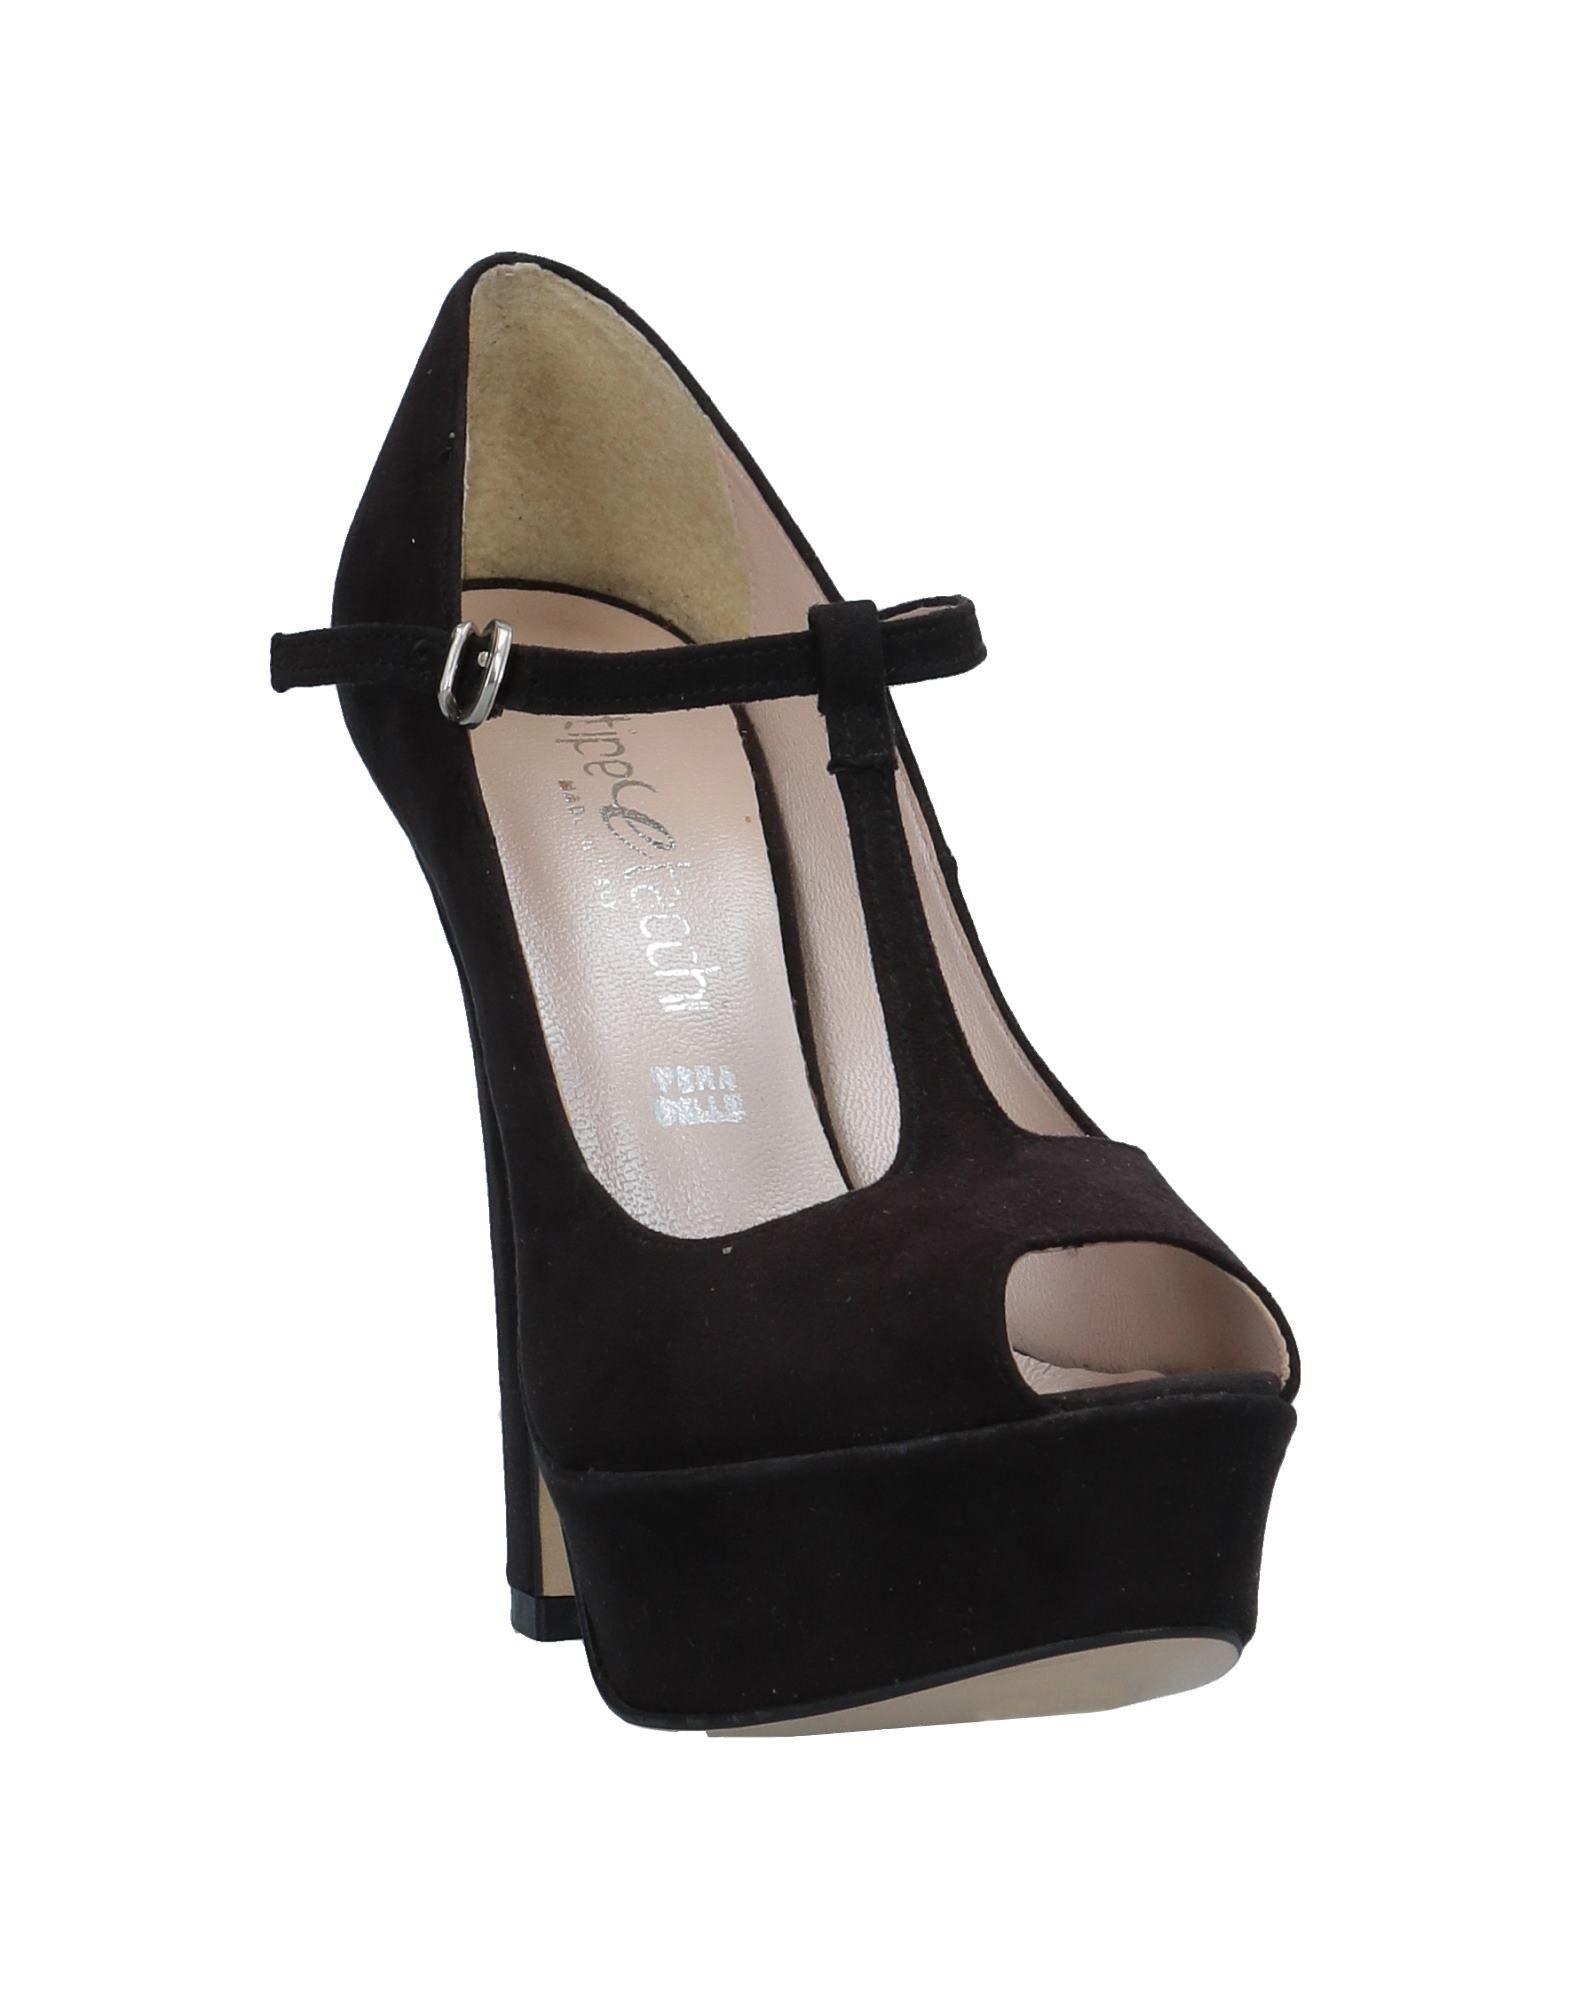 Gut Tacchi um billige Schuhe zu tragenTipe E Tacchi Gut Pumps Damen  11533045TS 4f9b75